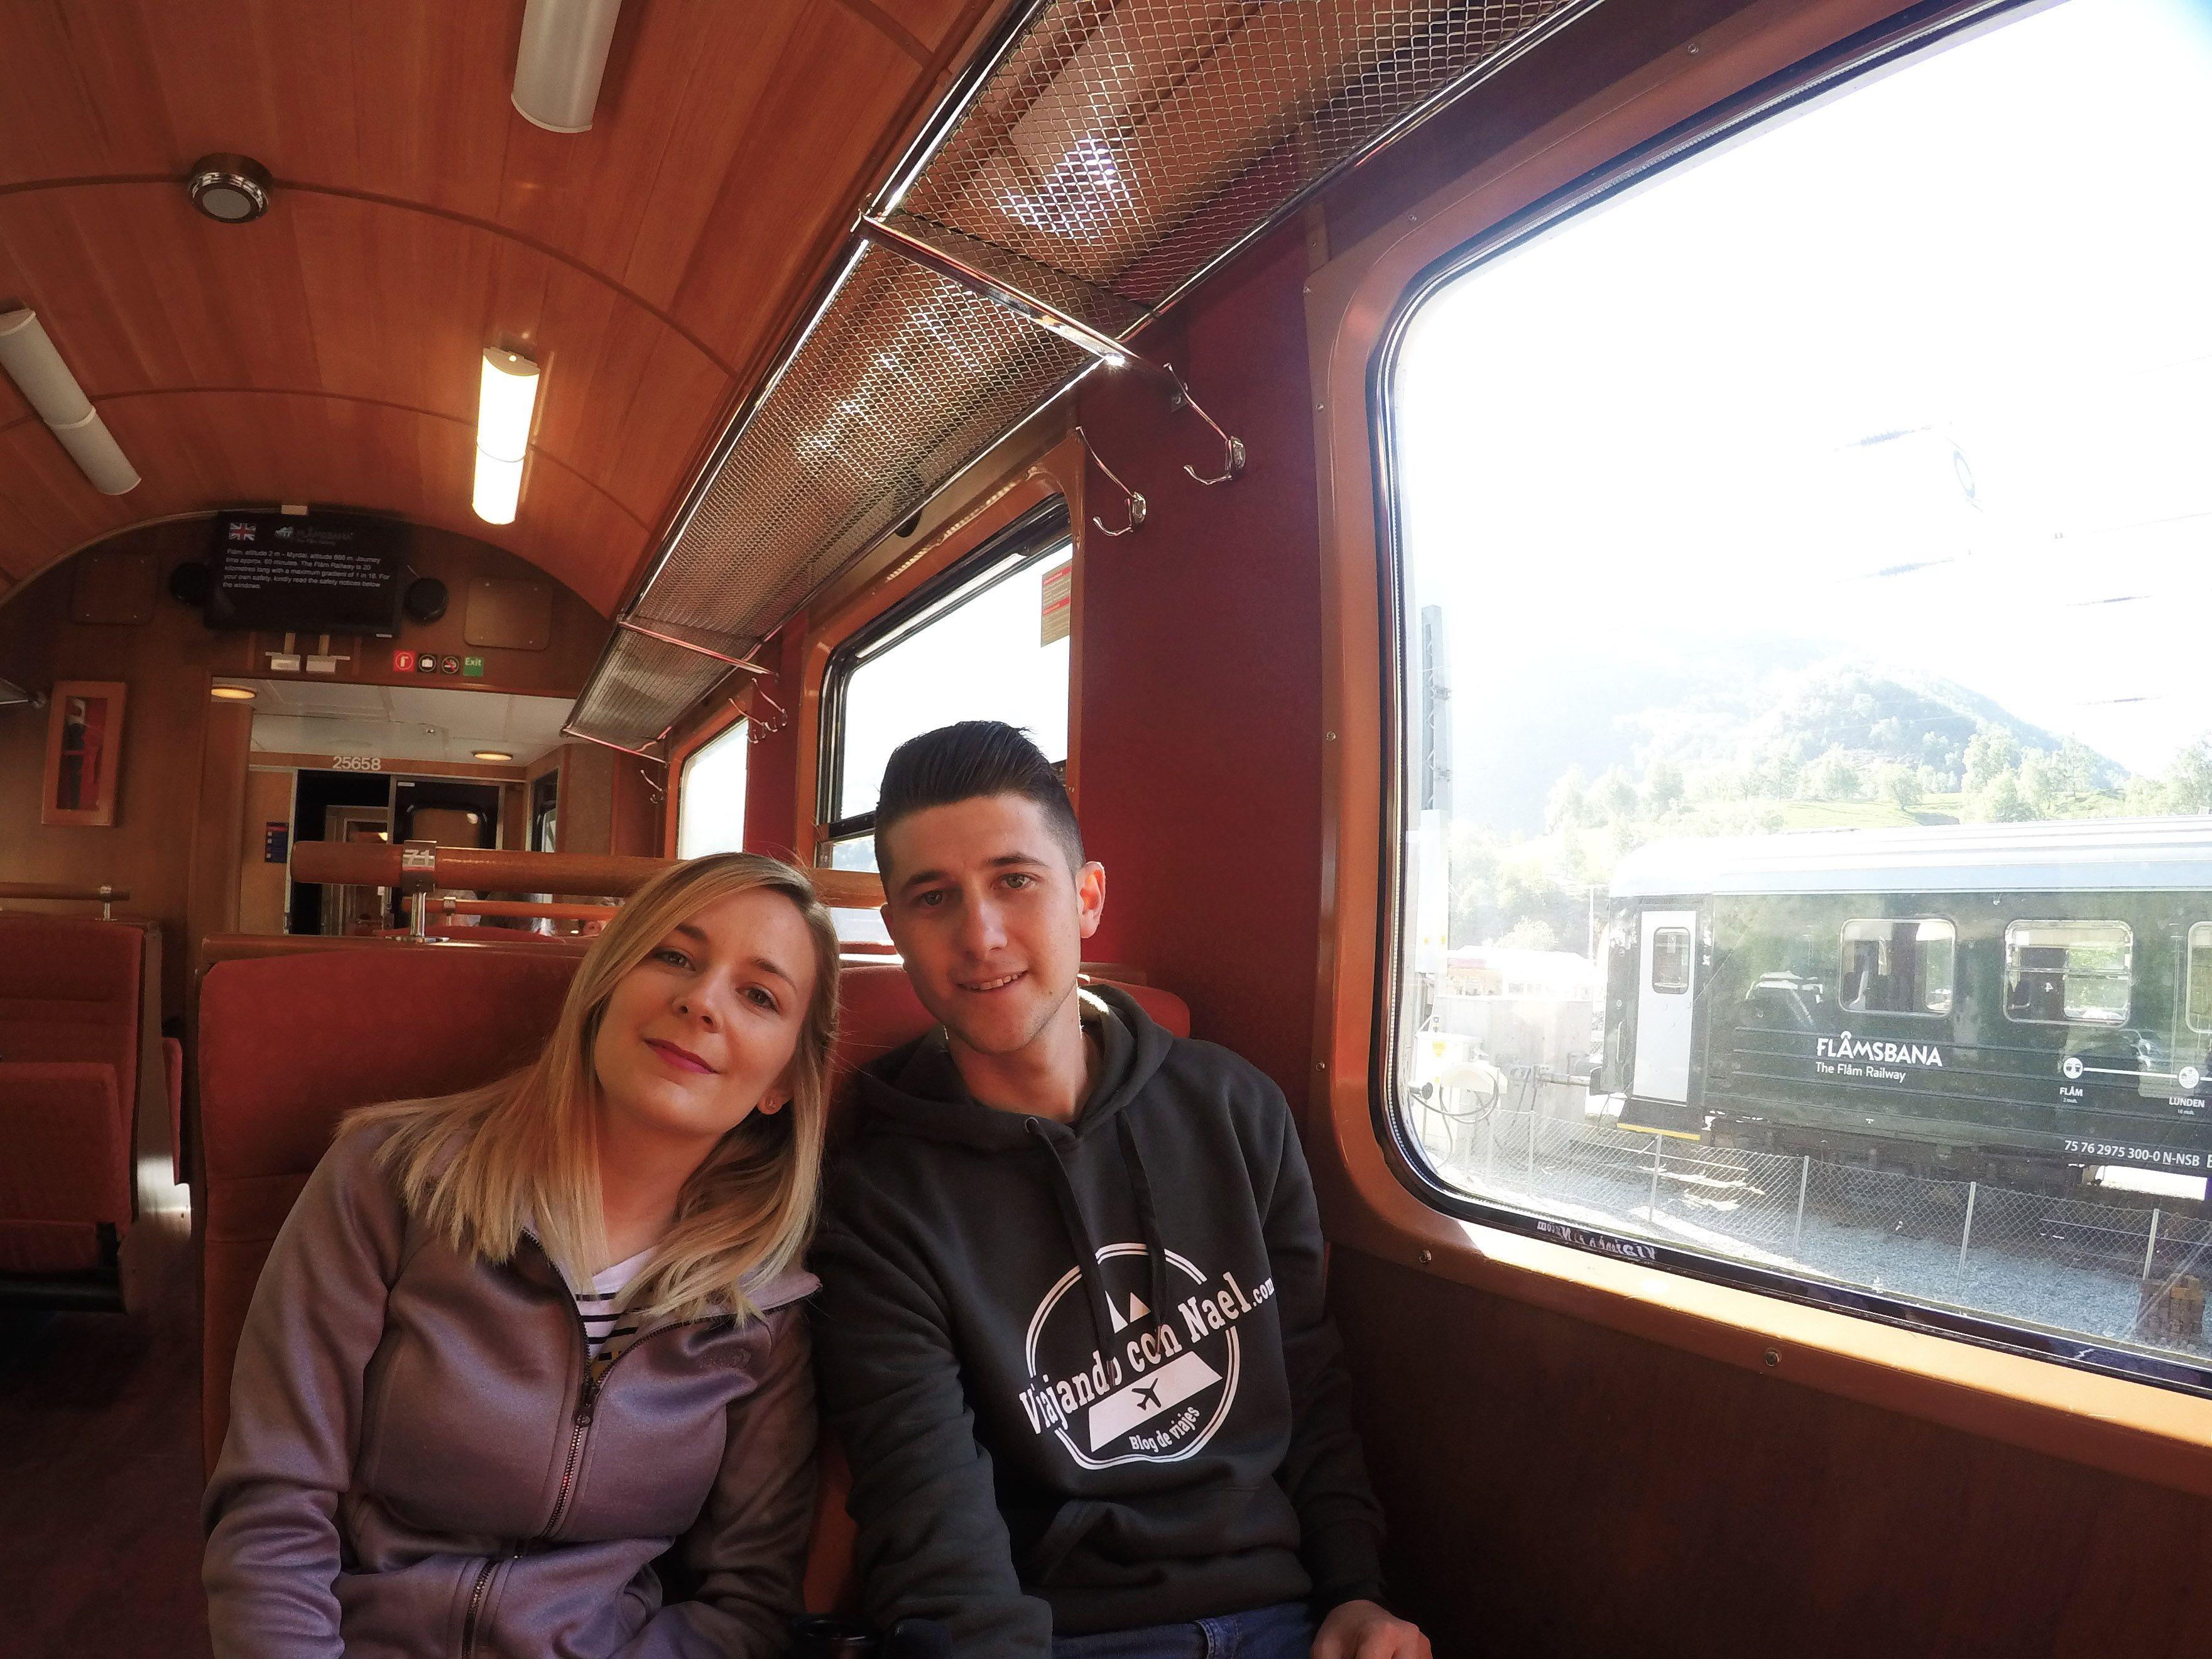 Tren Flam Noruega